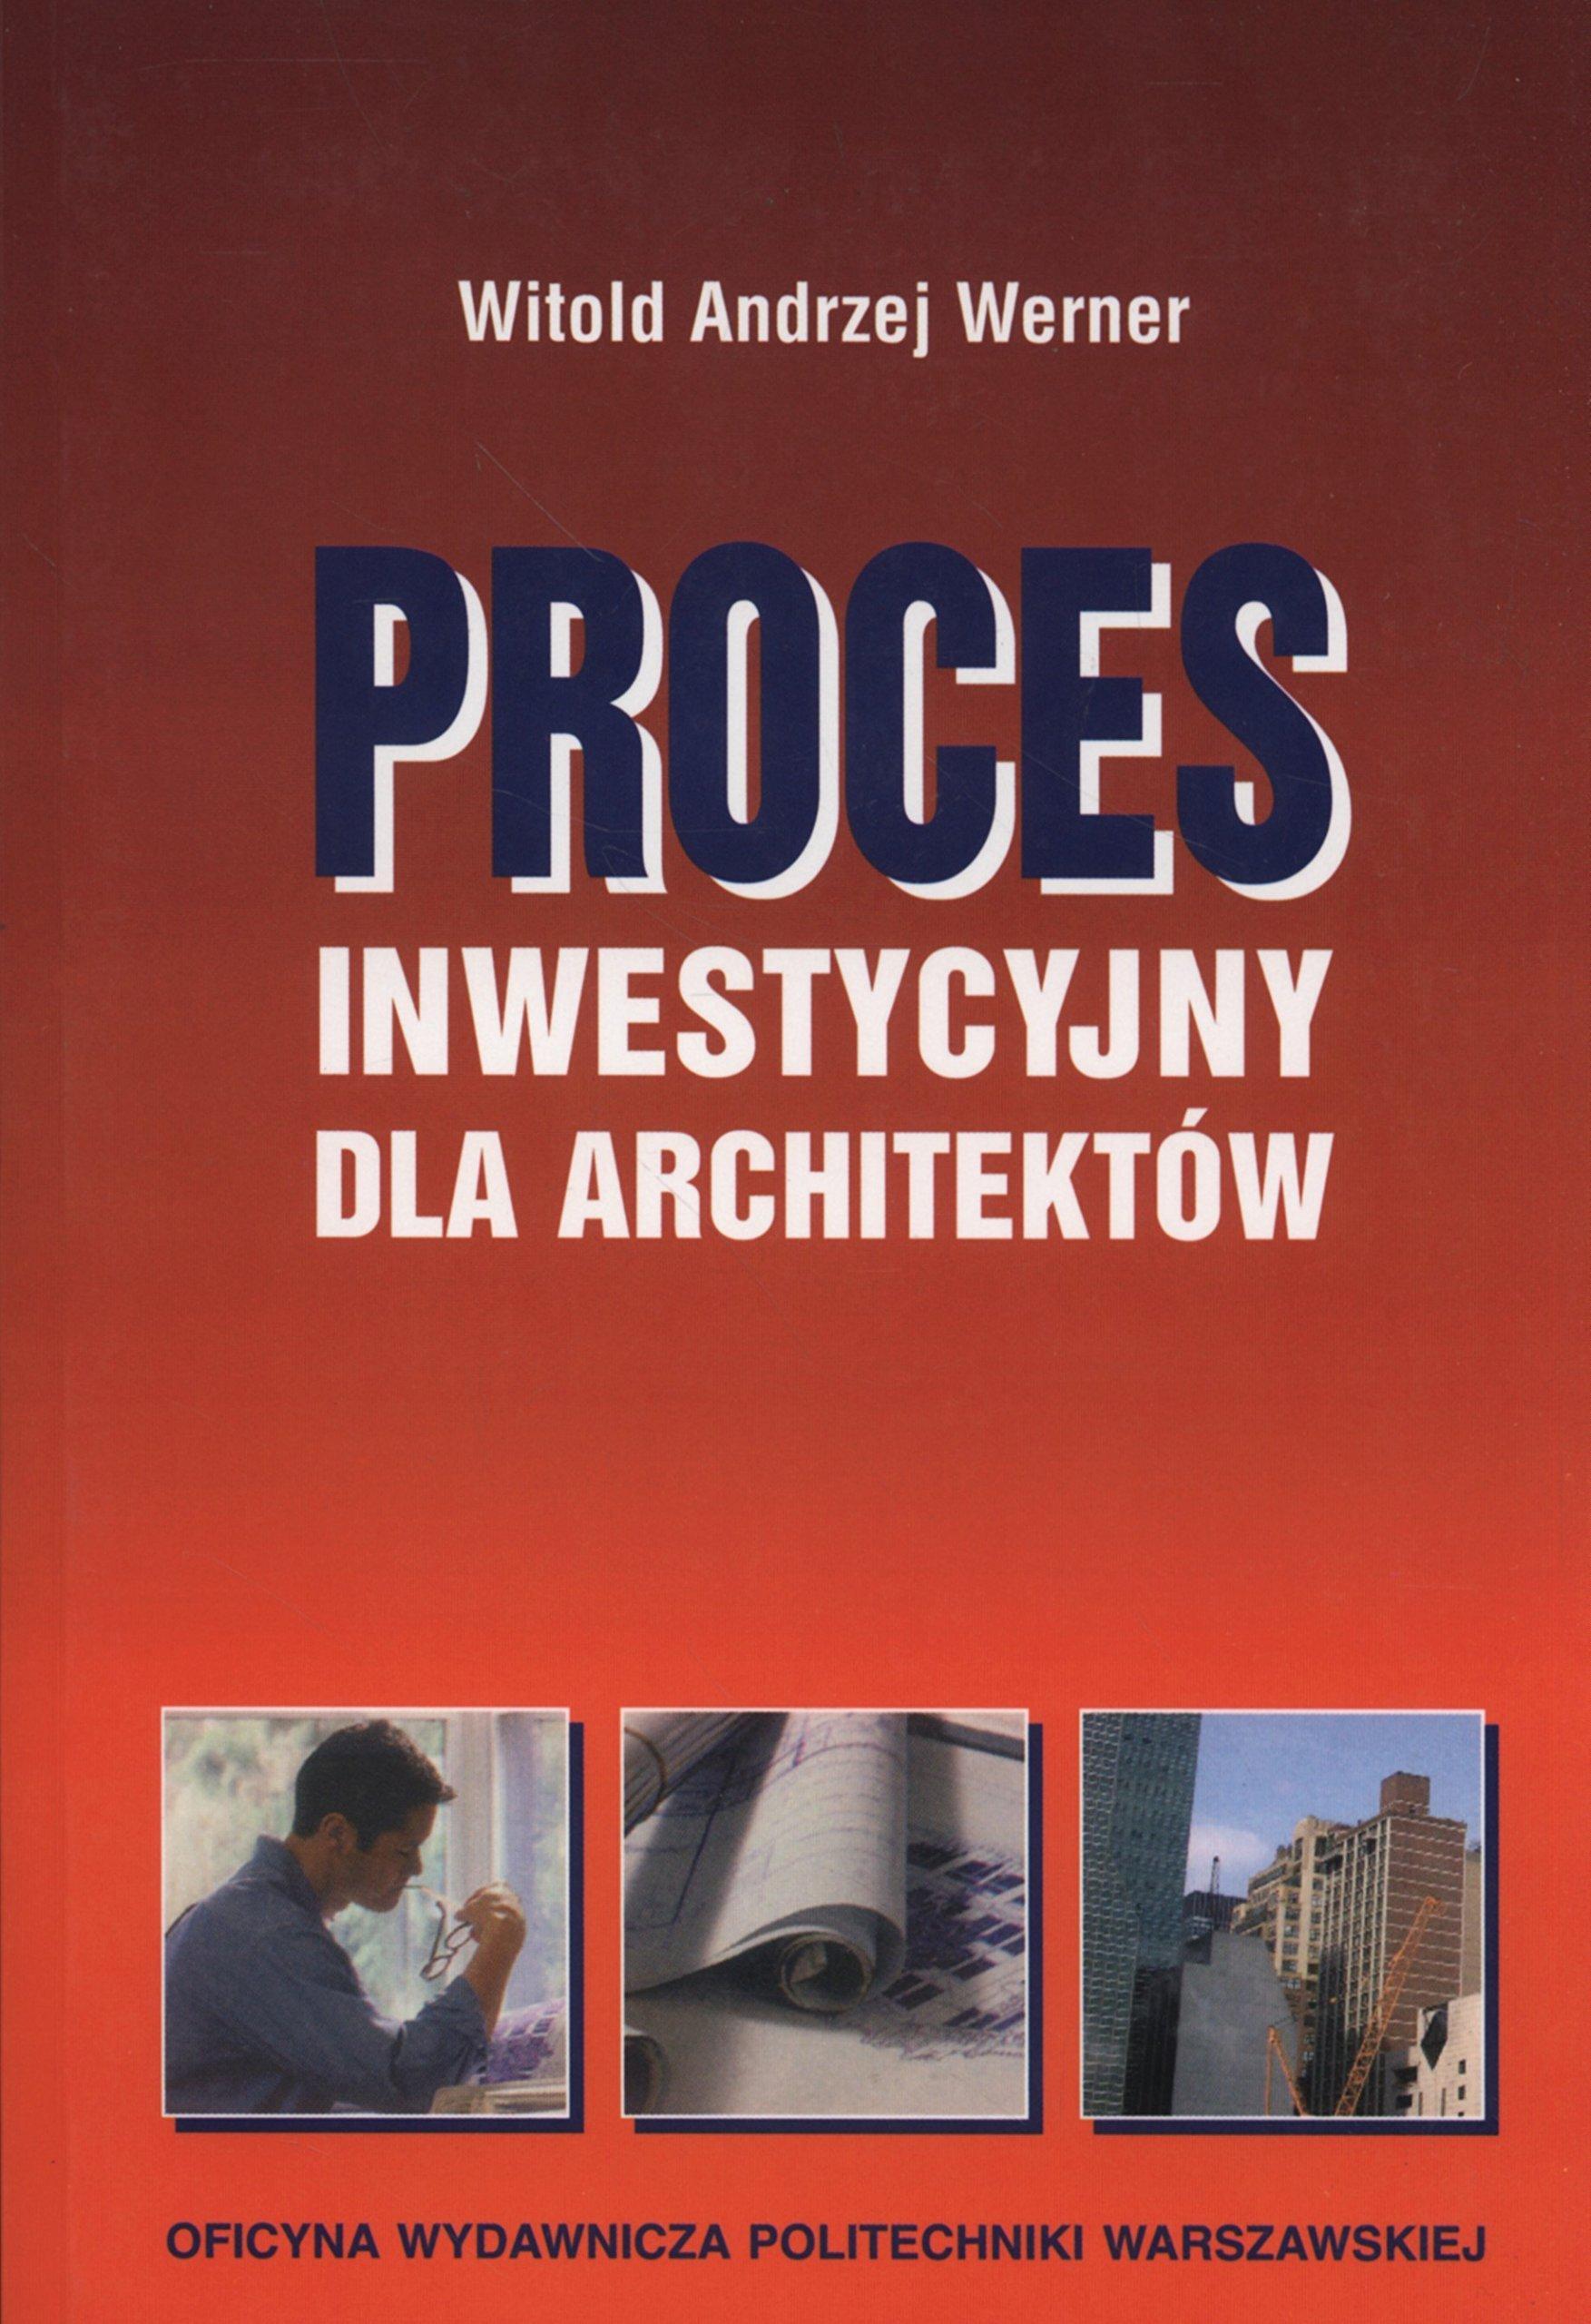 Proces inwestycyjny dla architektow: Werner Witold Andrzej